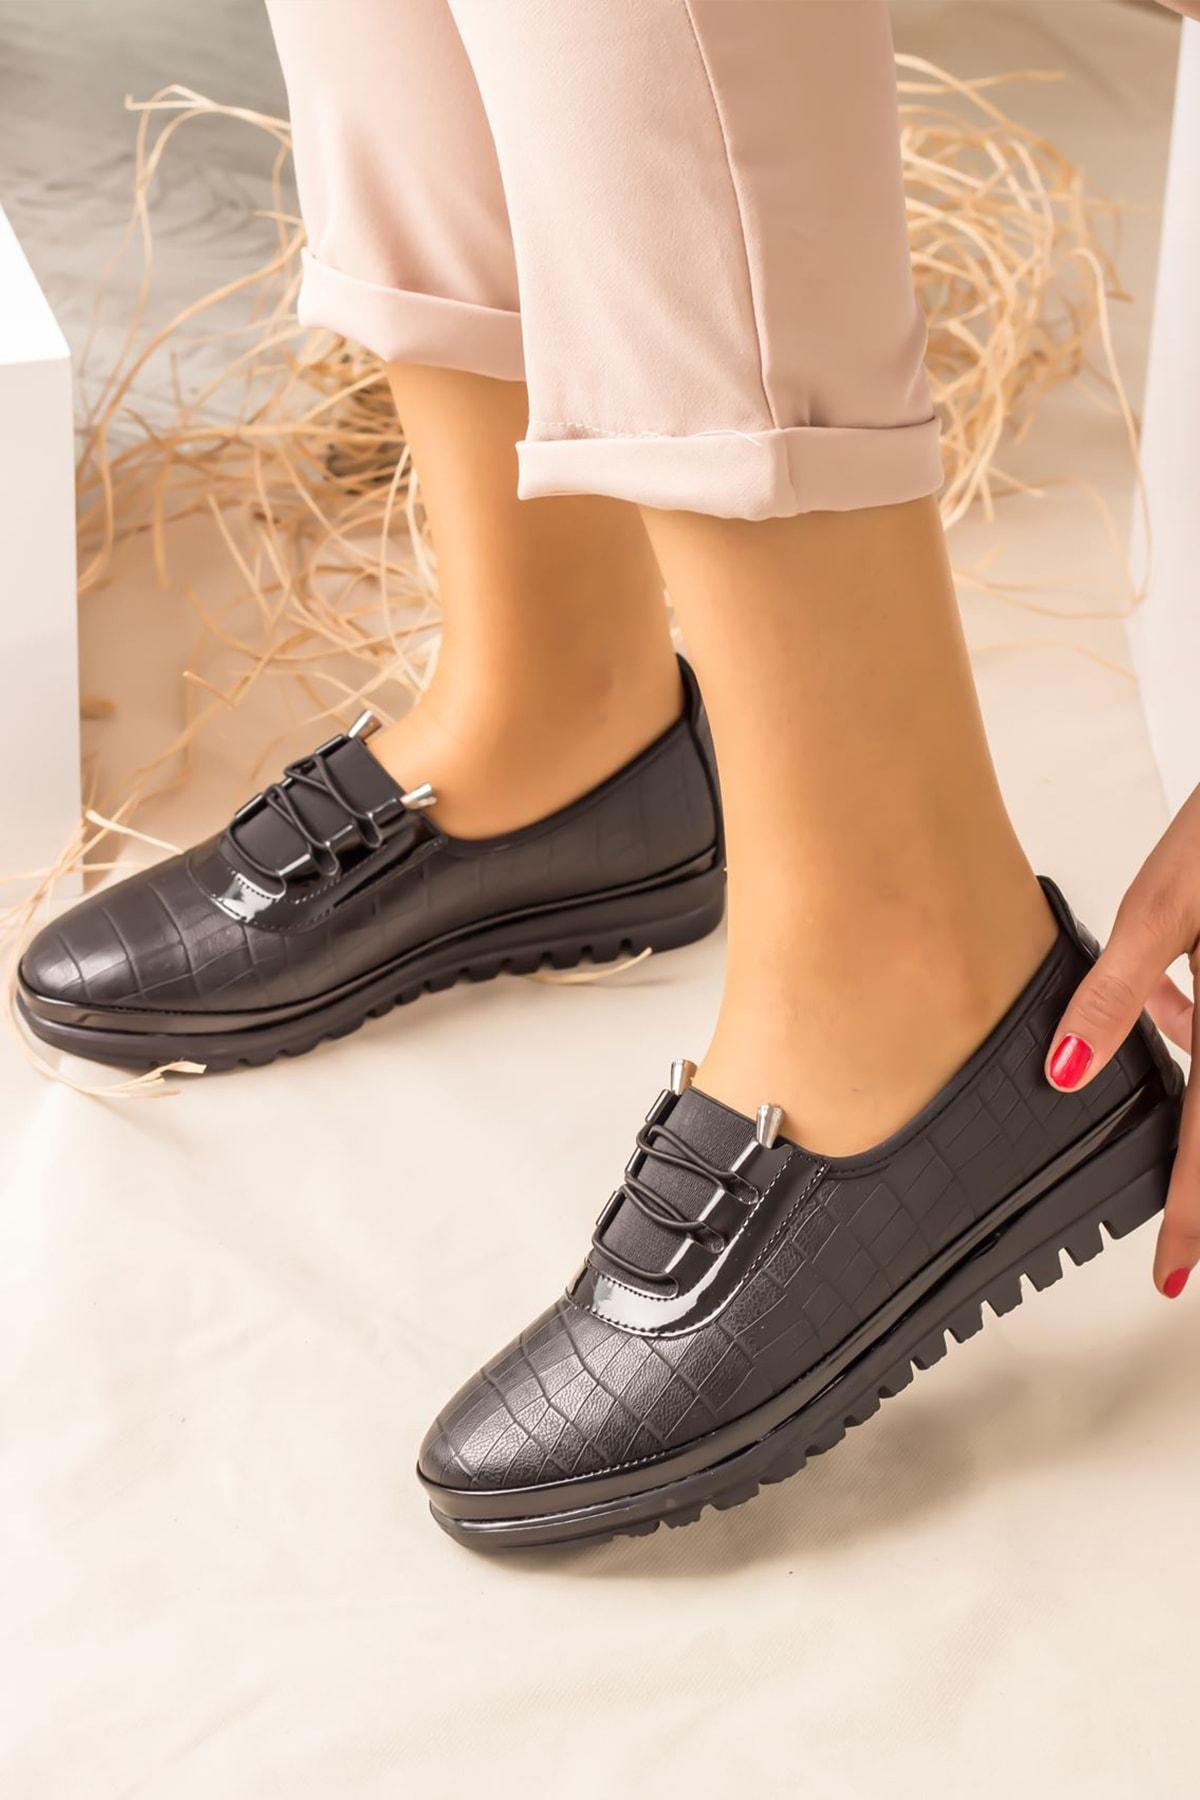 Lal Shoes & Bags Areca Parlak Ortopedik Rahat Kadın Ayakkabı-siyah 1